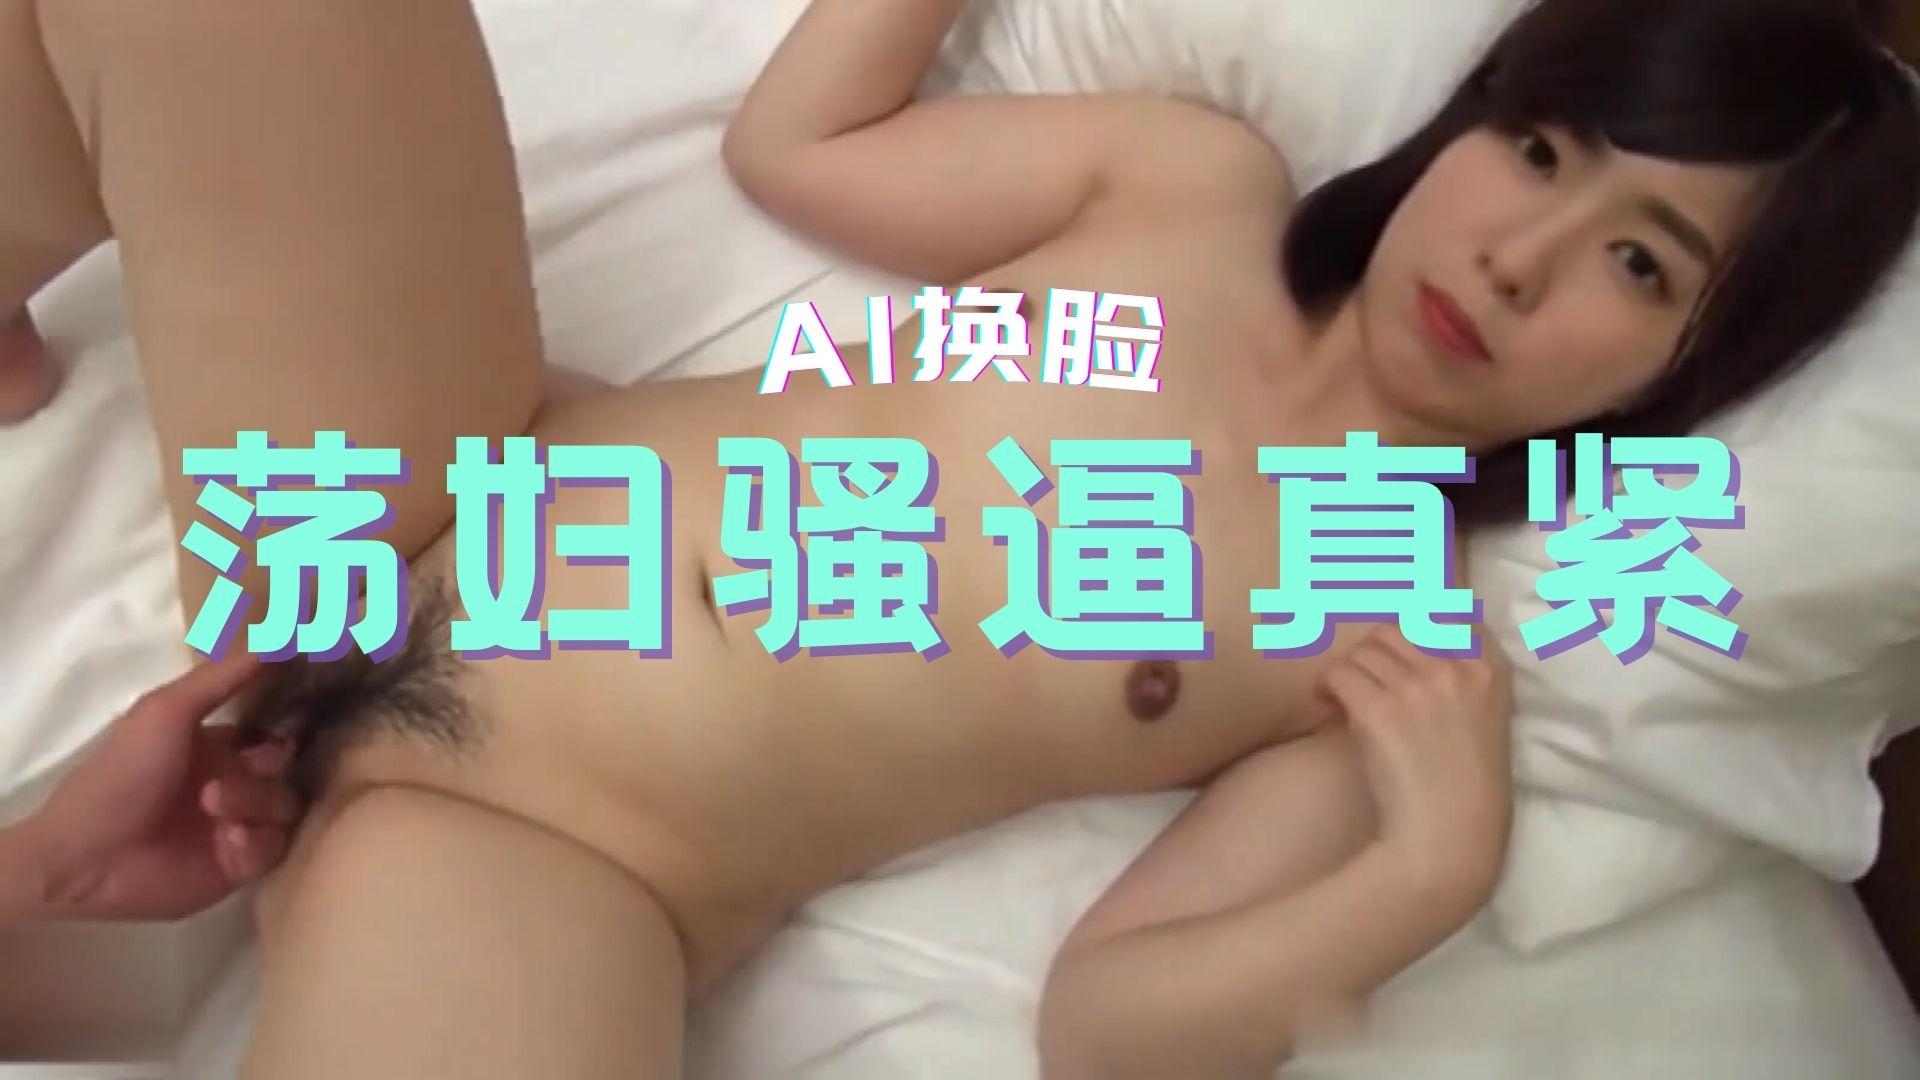 Al—裴珠泫 淫荡肉体